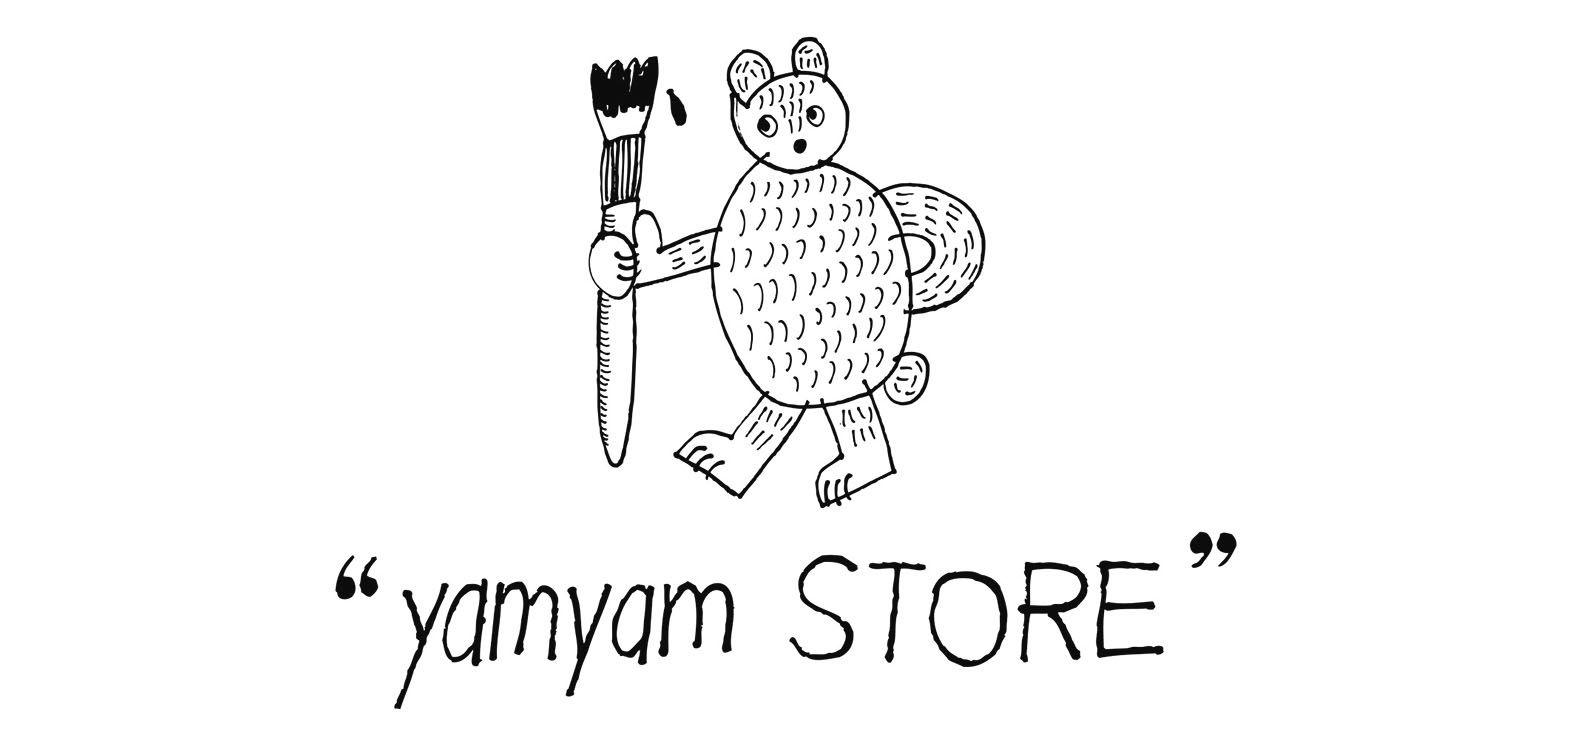 yamyam STORE